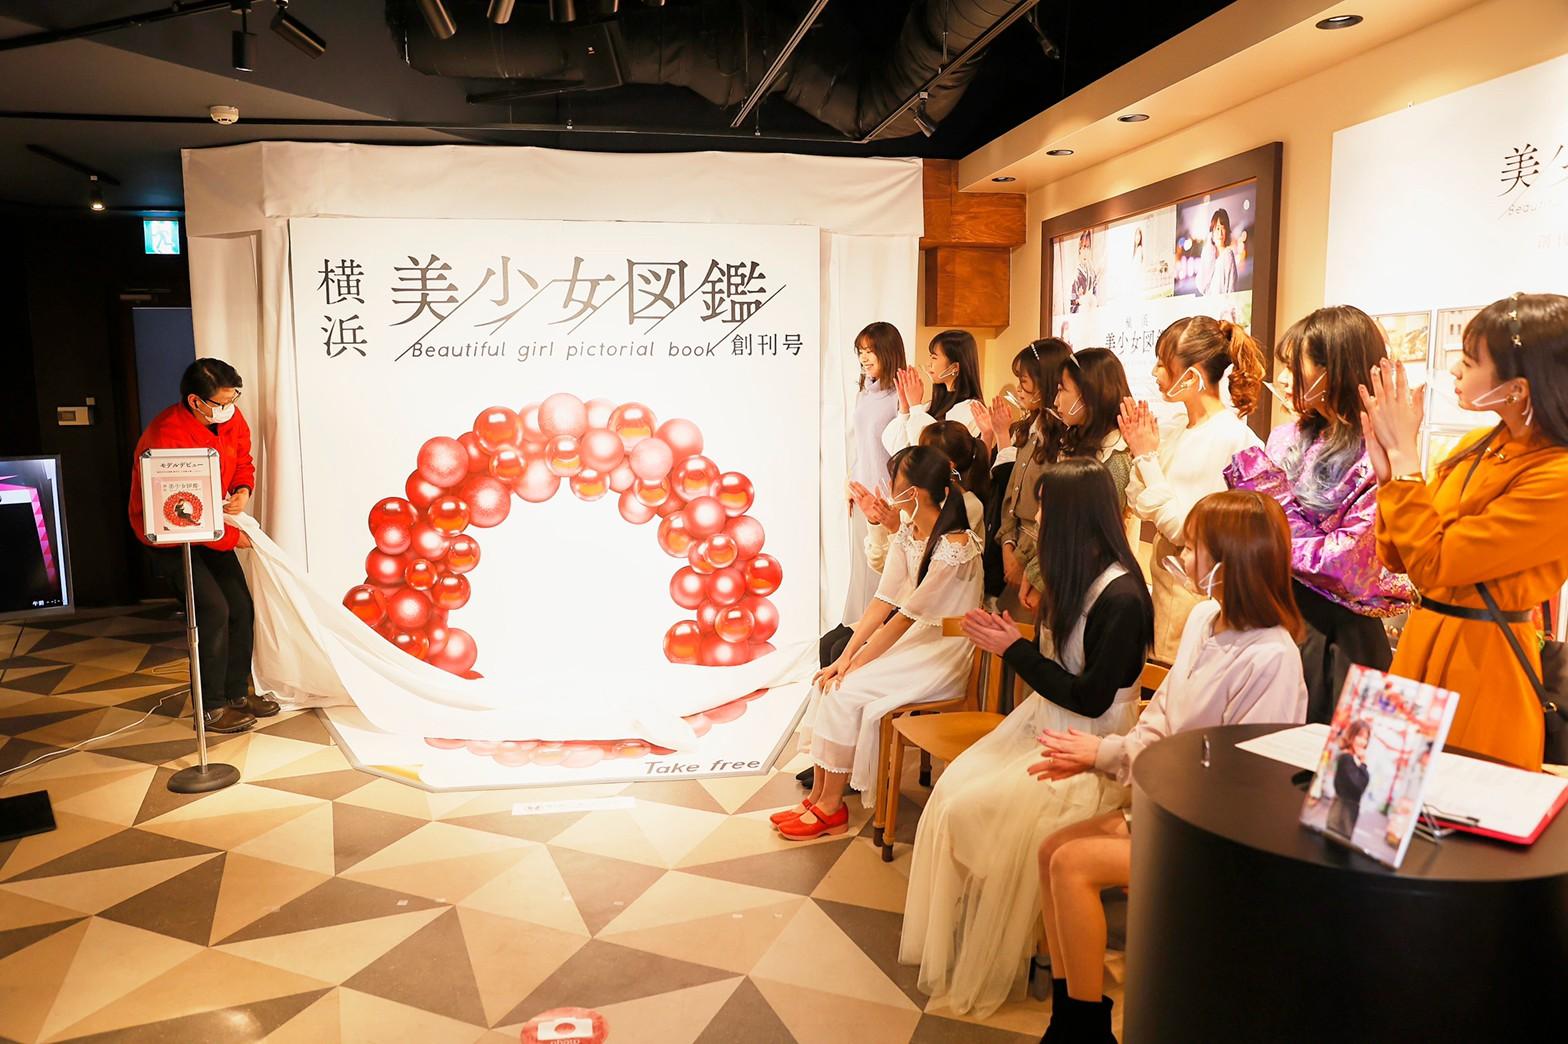 「横浜美少女図鑑」掲載モデル12名がイベントに集合